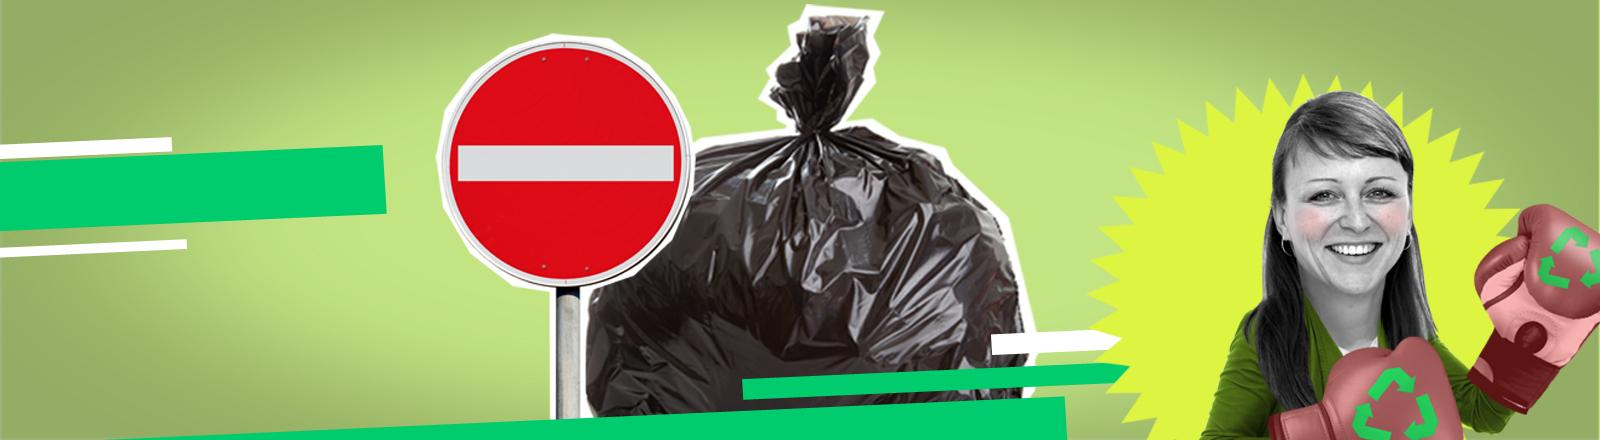 Warnschild vor Müll und Frau mit Boxhandschuhen